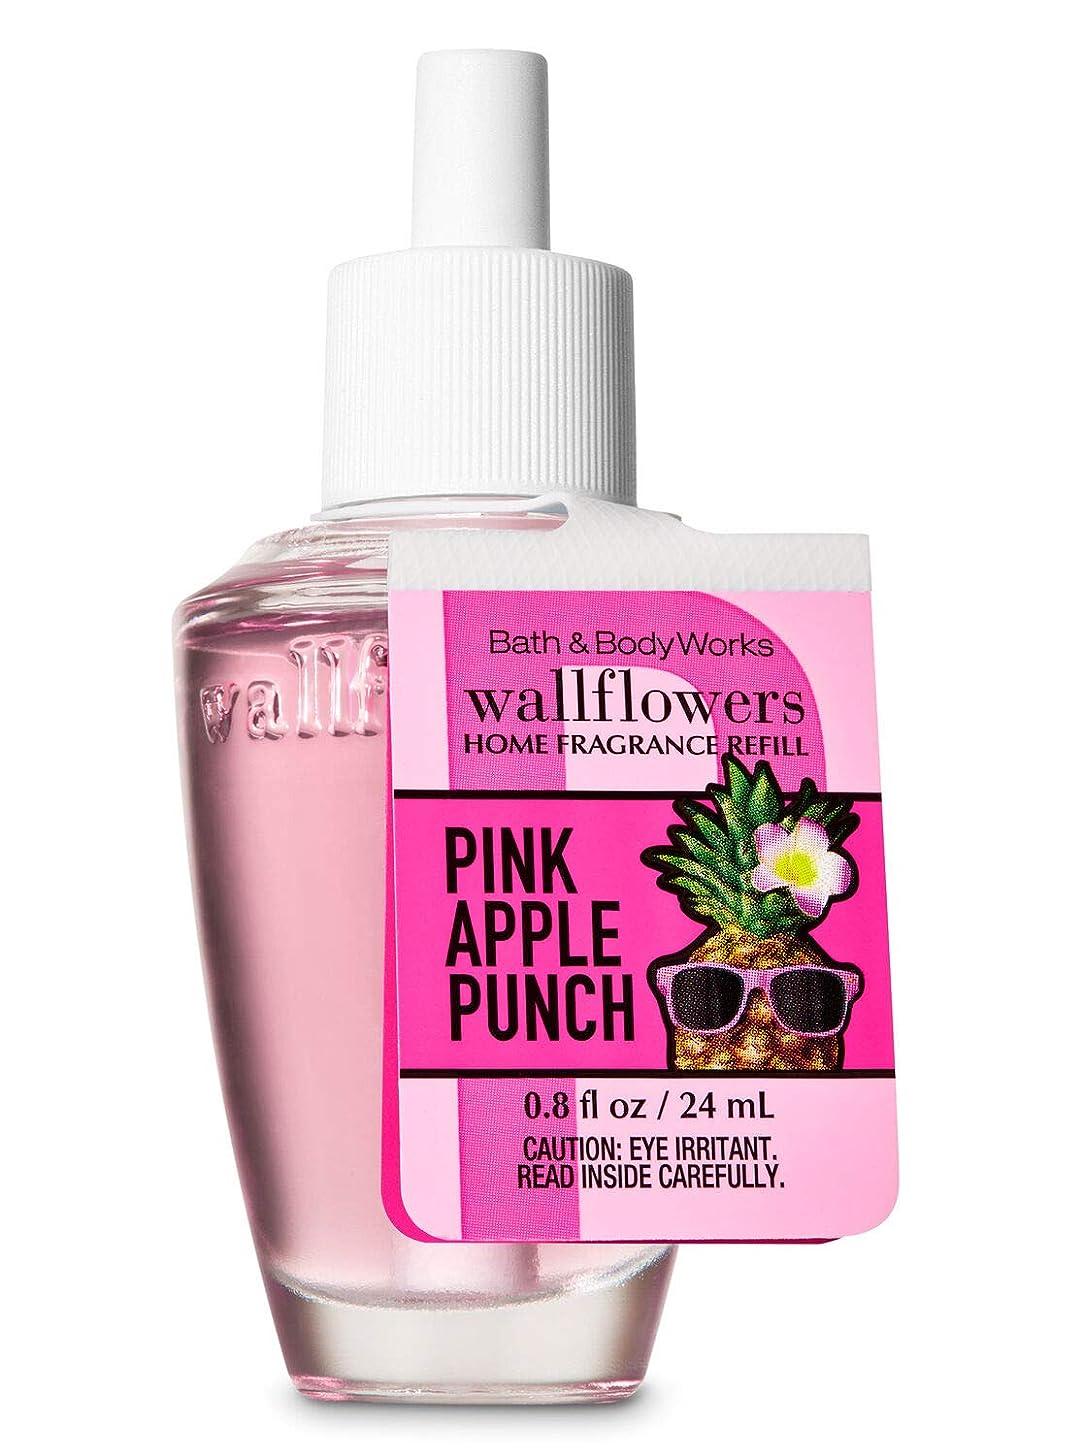 キラウエア山ヒープ家主【Bath&Body Works/バス&ボディワークス】 ルームフレグランス 詰替えリフィル ピンクアップルパンチ Wallflowers Home Fragrance Refill Pink Apple Punch [並行輸入品]